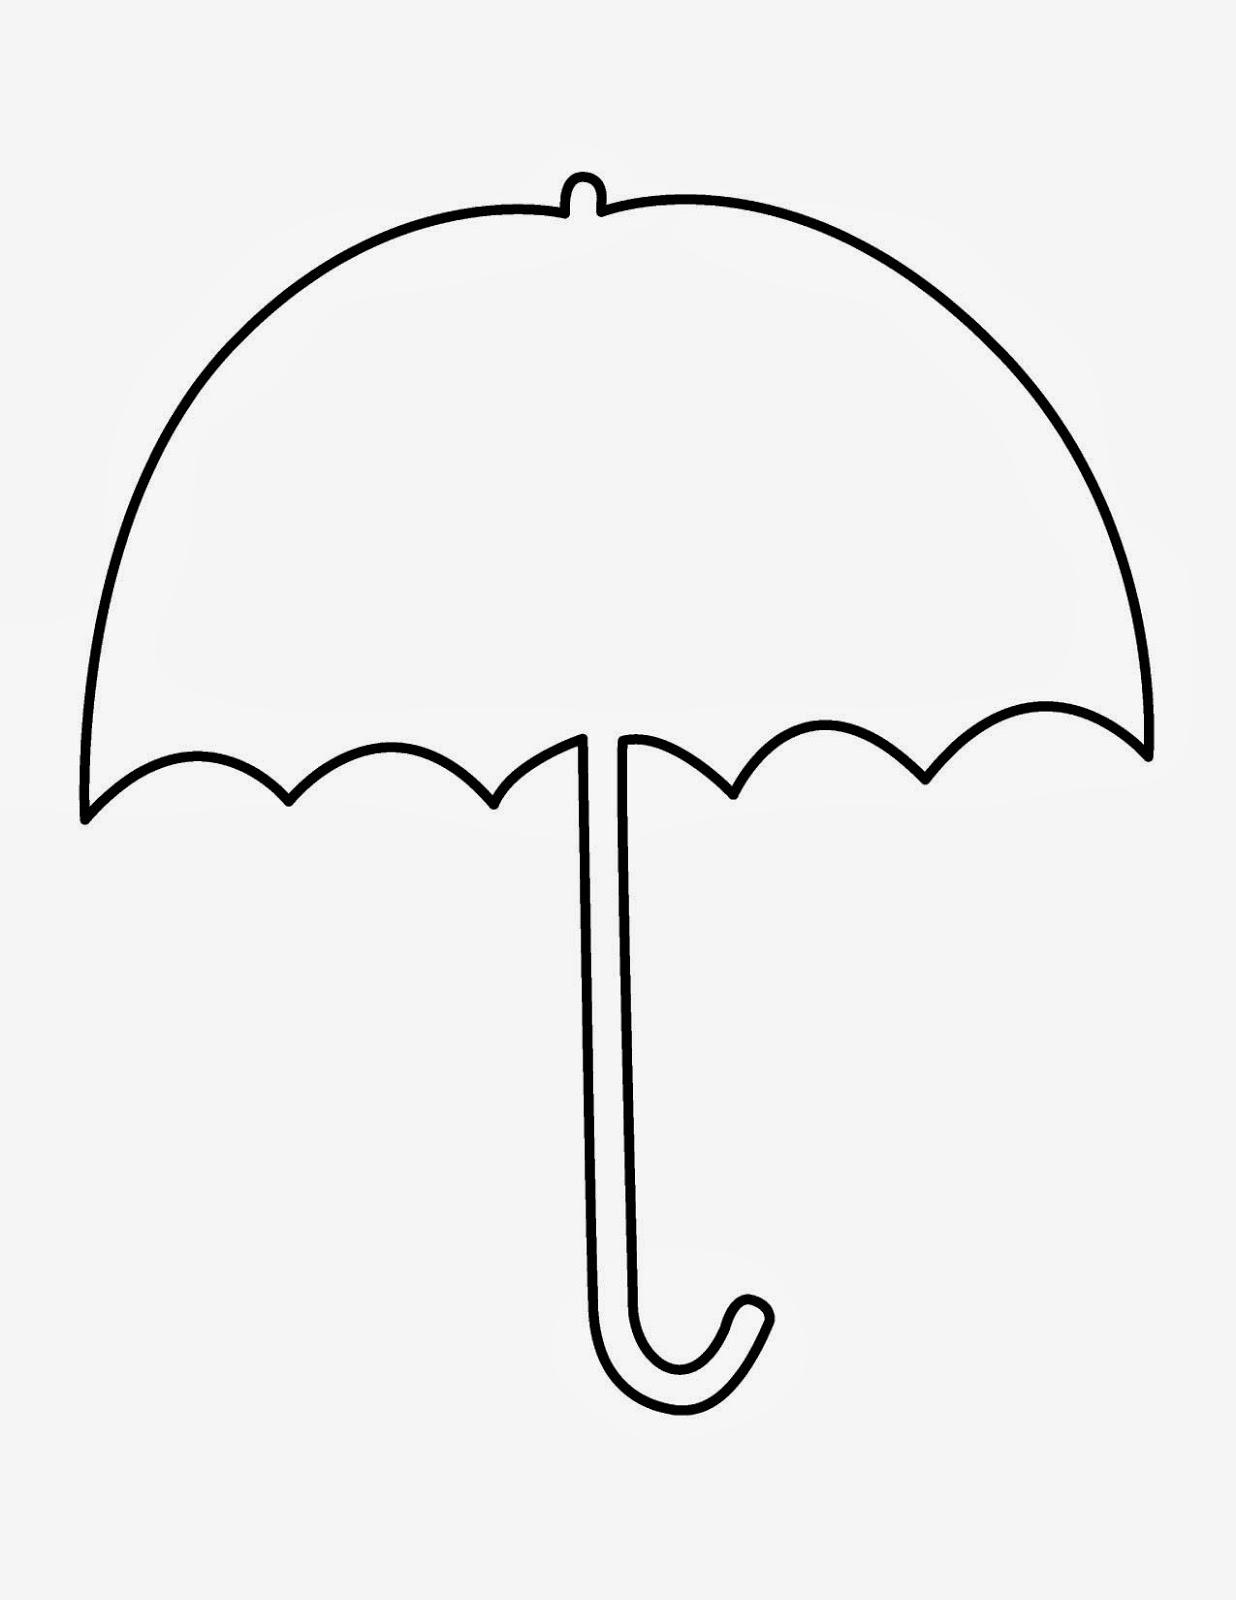 Wallpaper clipart umbrella Pw Art Clip FreeClipart Umbrella